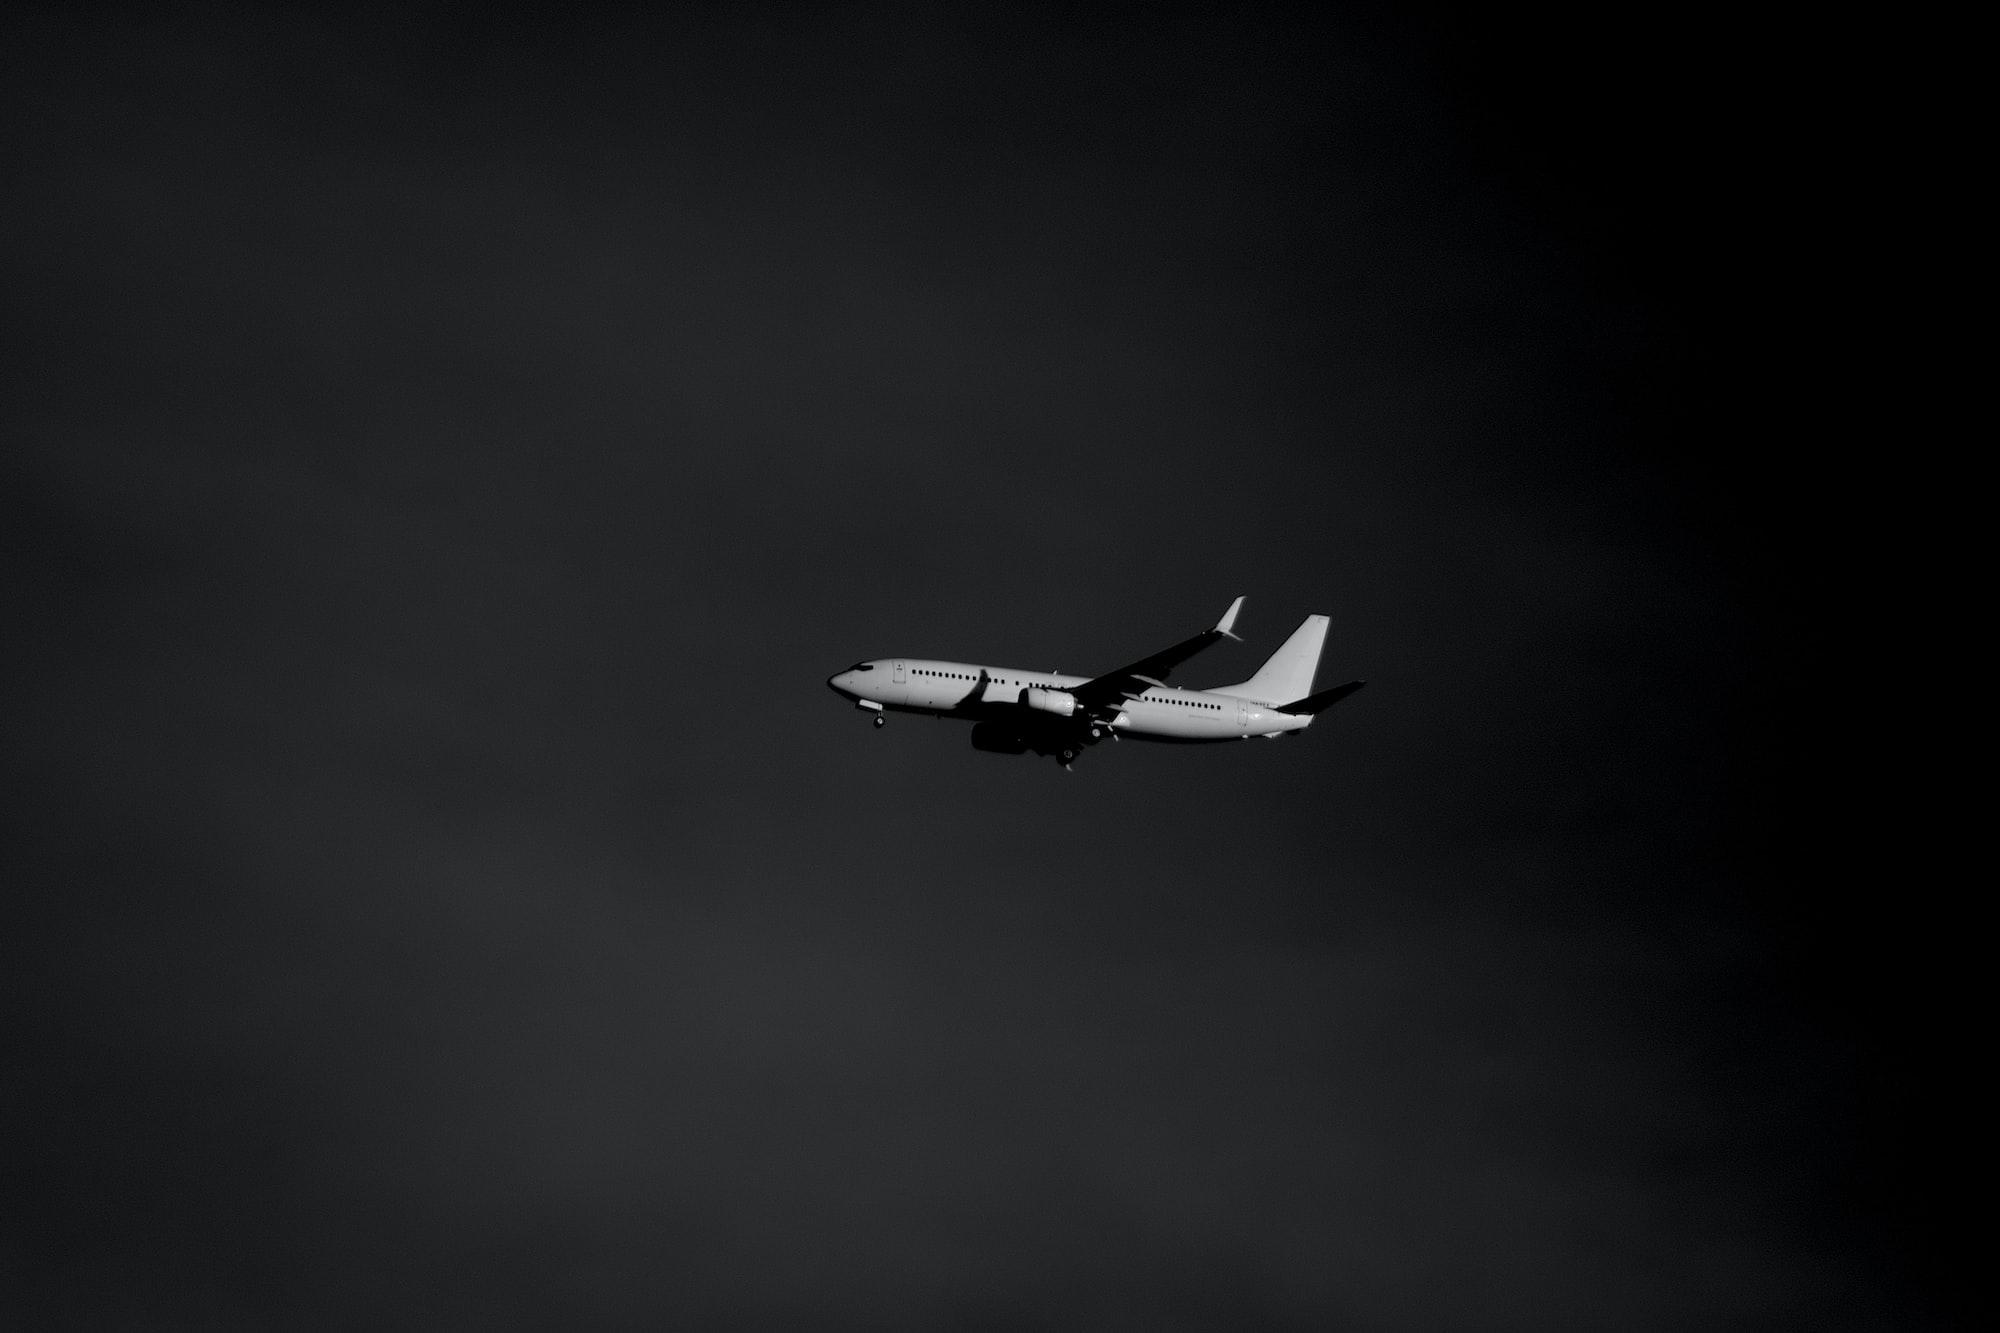 Flyg- och resebolagen kämpar för att hjälpa människor komma hem